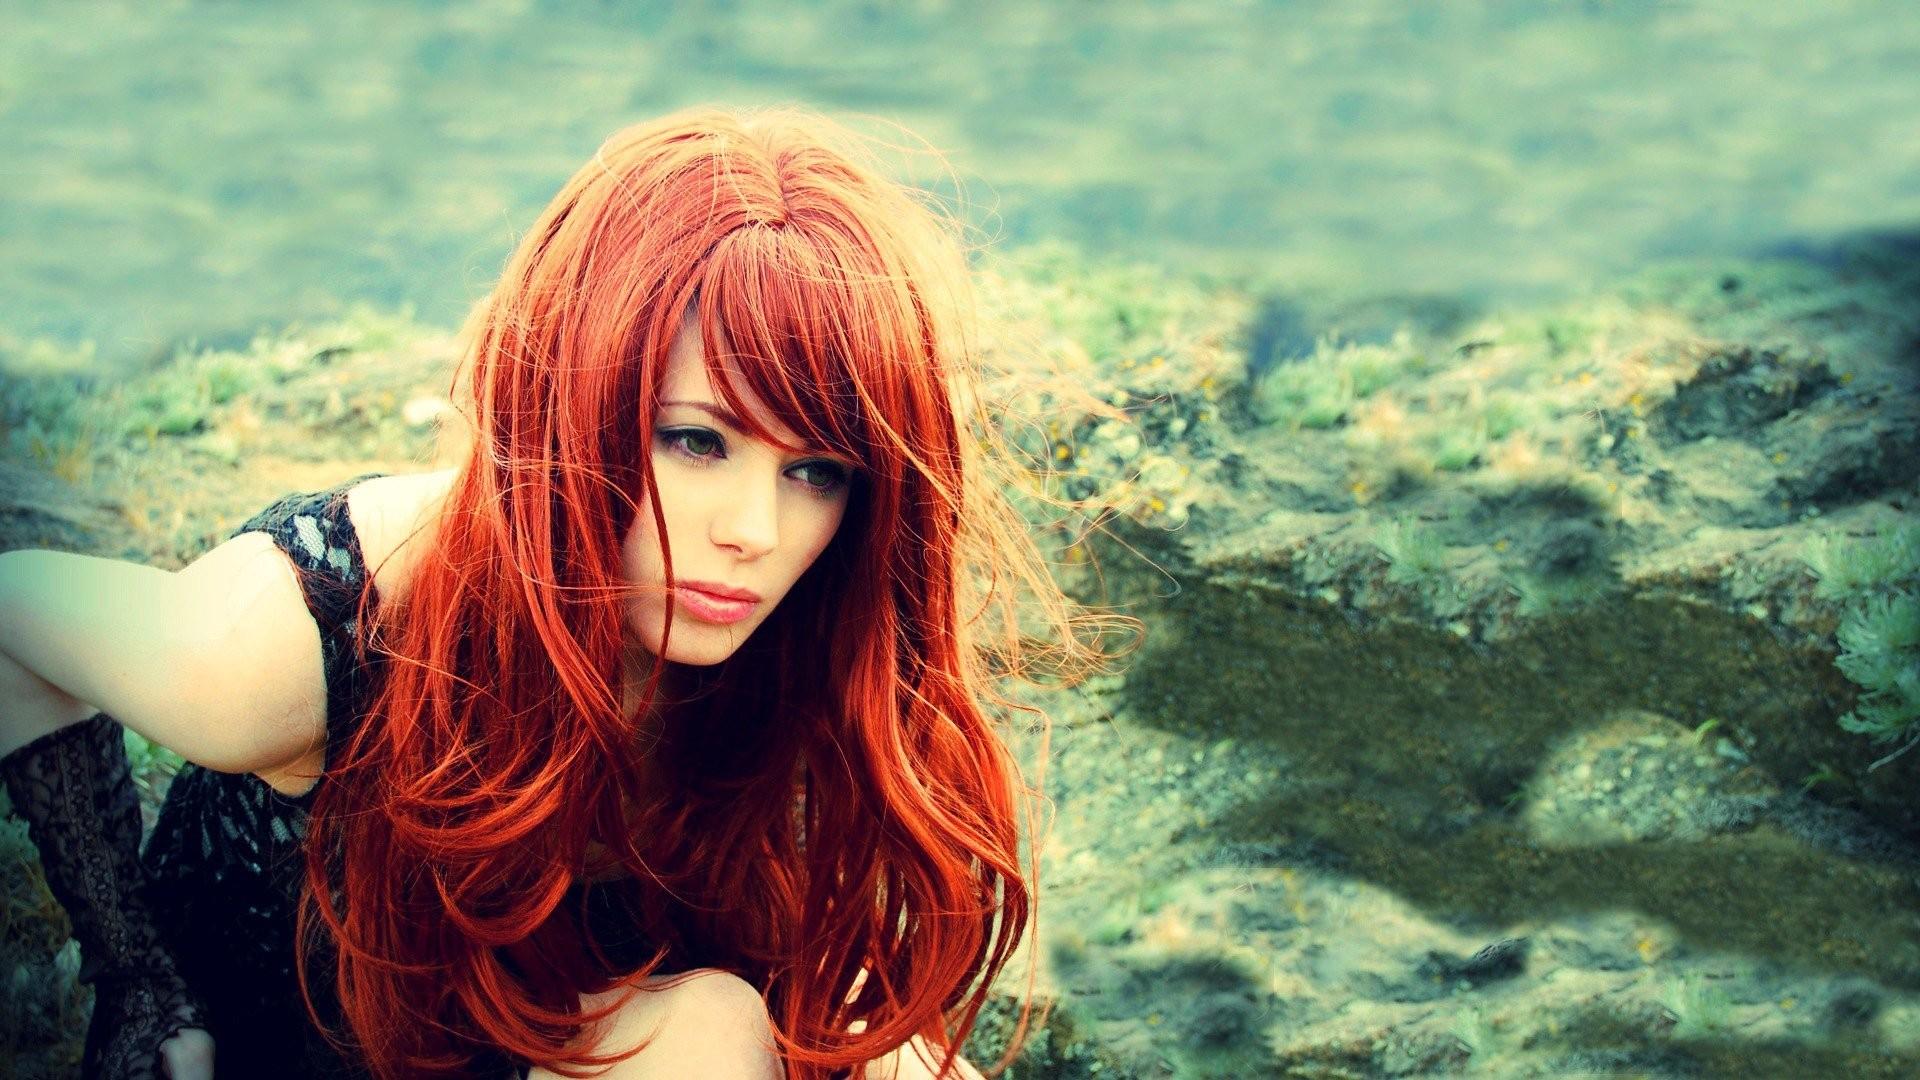 Красивые рыжие девушки картинки